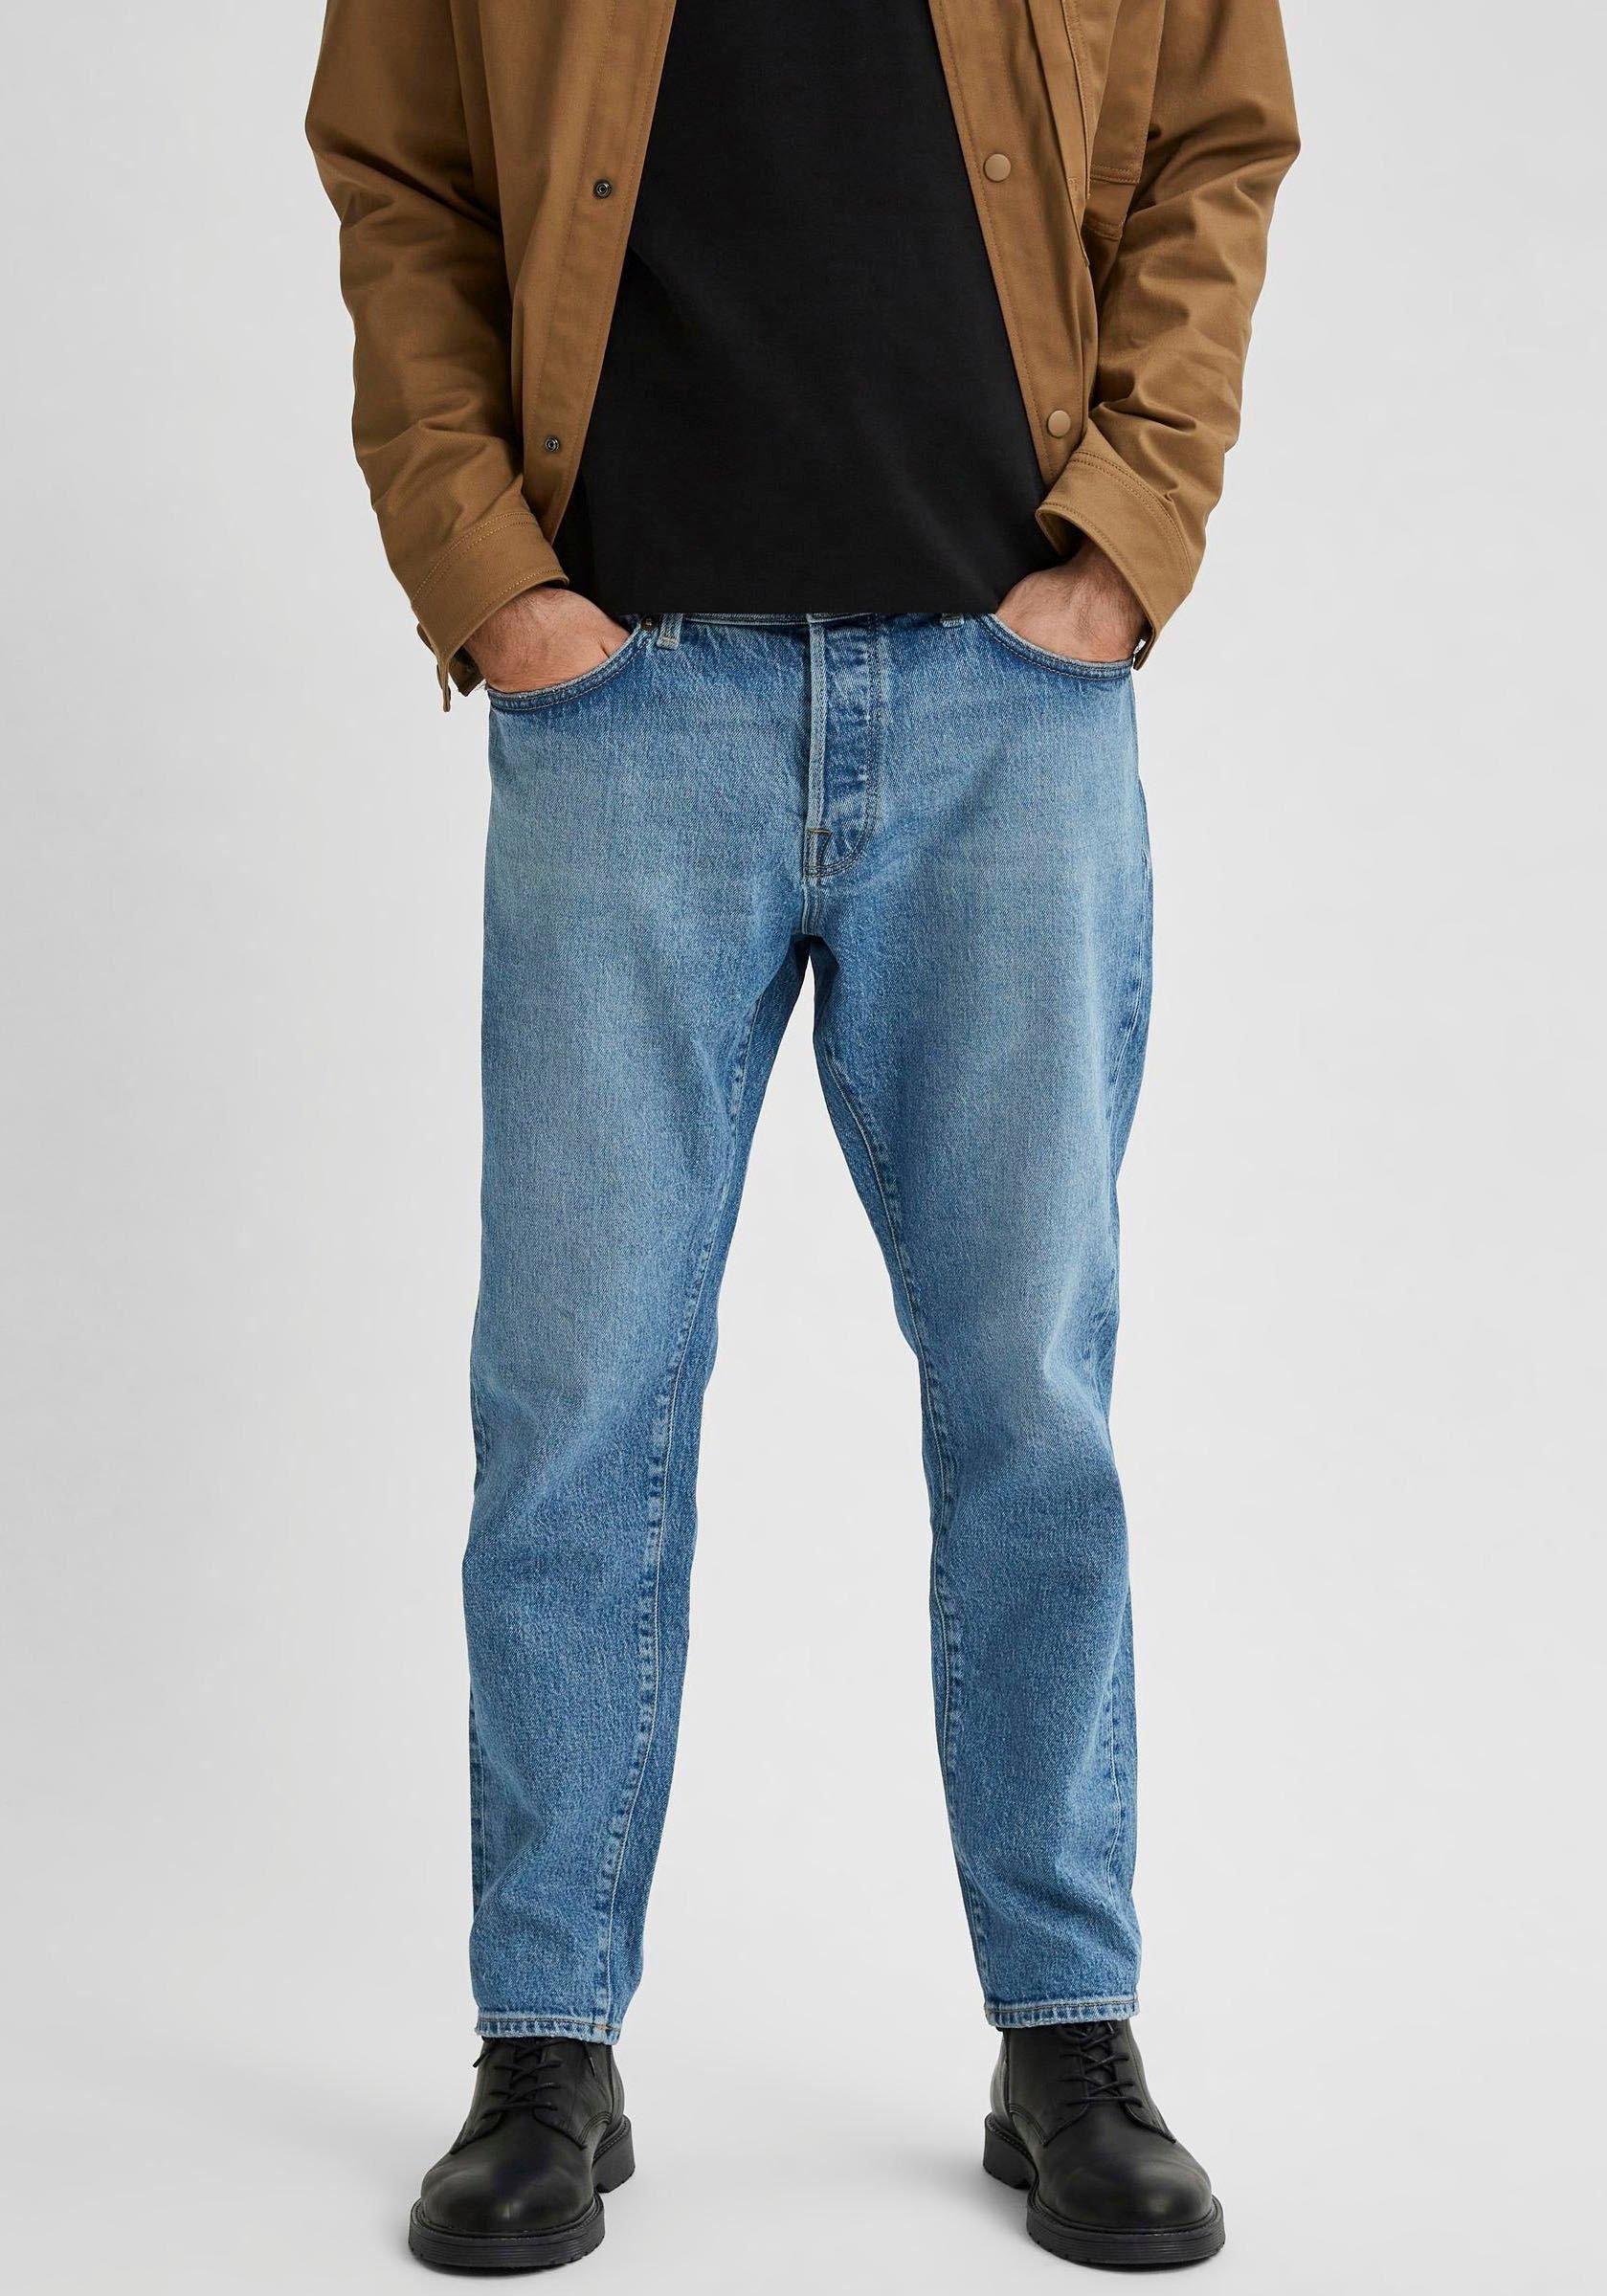 SELECTED HOMME relax fit jeans ALDO nu online kopen bij OTTO